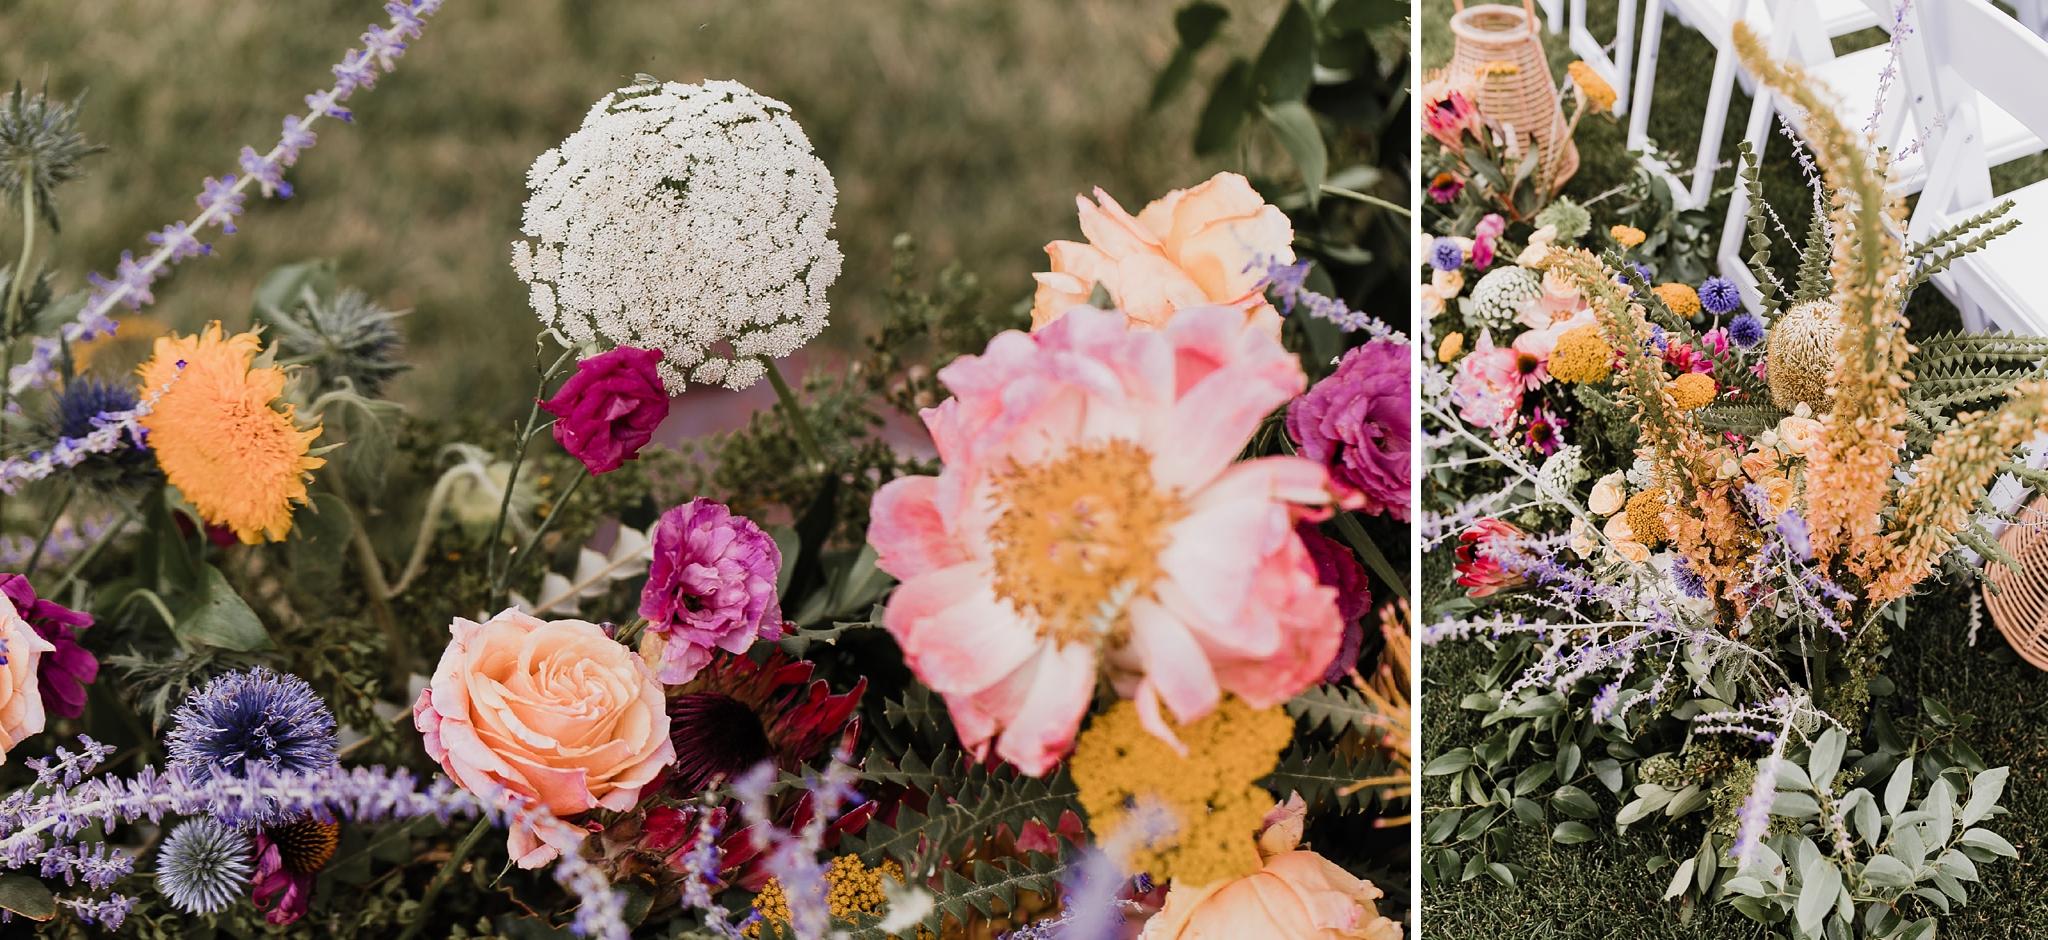 Alicia+lucia+photography+-+albuquerque+wedding+photographer+-+santa+fe+wedding+photography+-+new+mexico+wedding+photographer+-+new+mexico+wedding+-+summer+wedding+-+summer+wedding+florals+-+southwest+wedding_0074.jpg